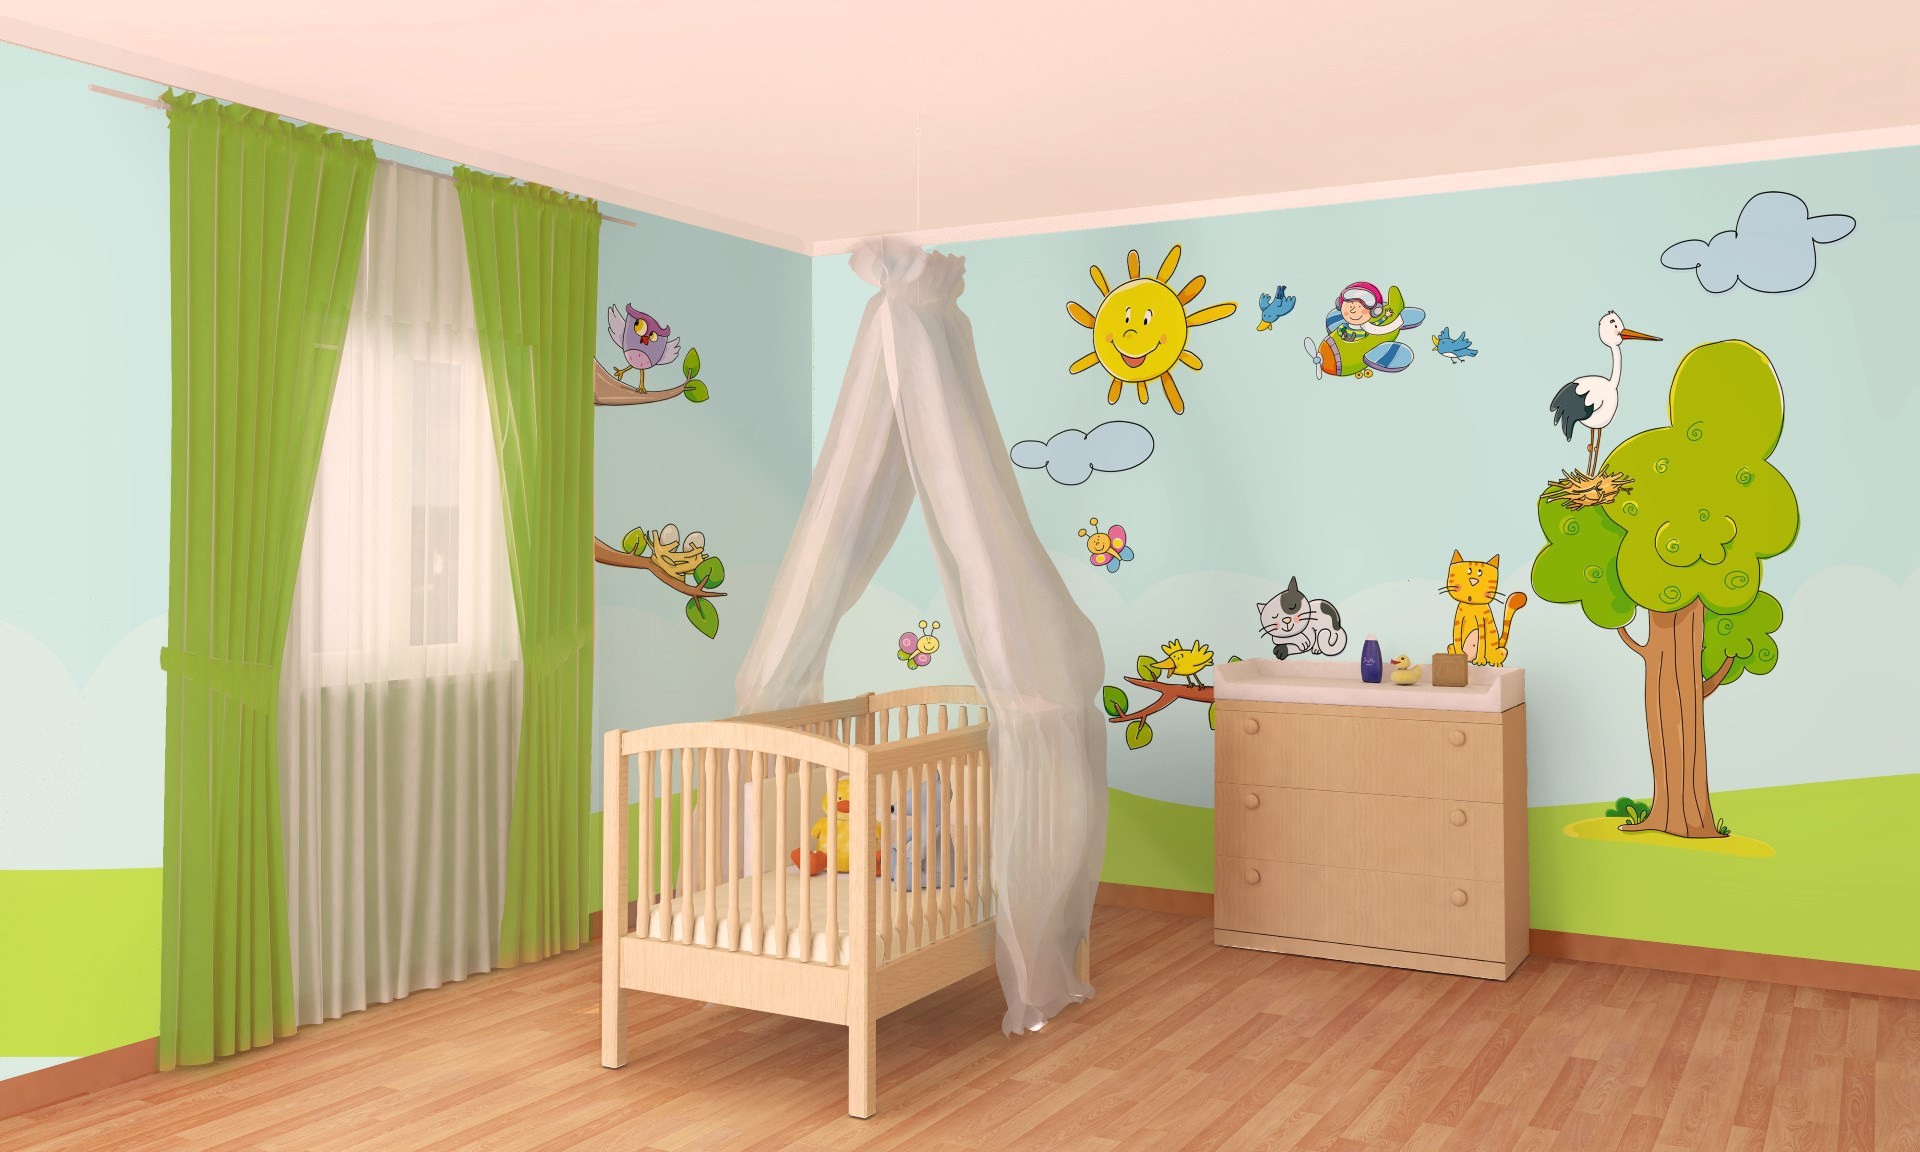 Molto 10 Idee per la cameretta di un bambino: foto, video e ispirazioni! DV28